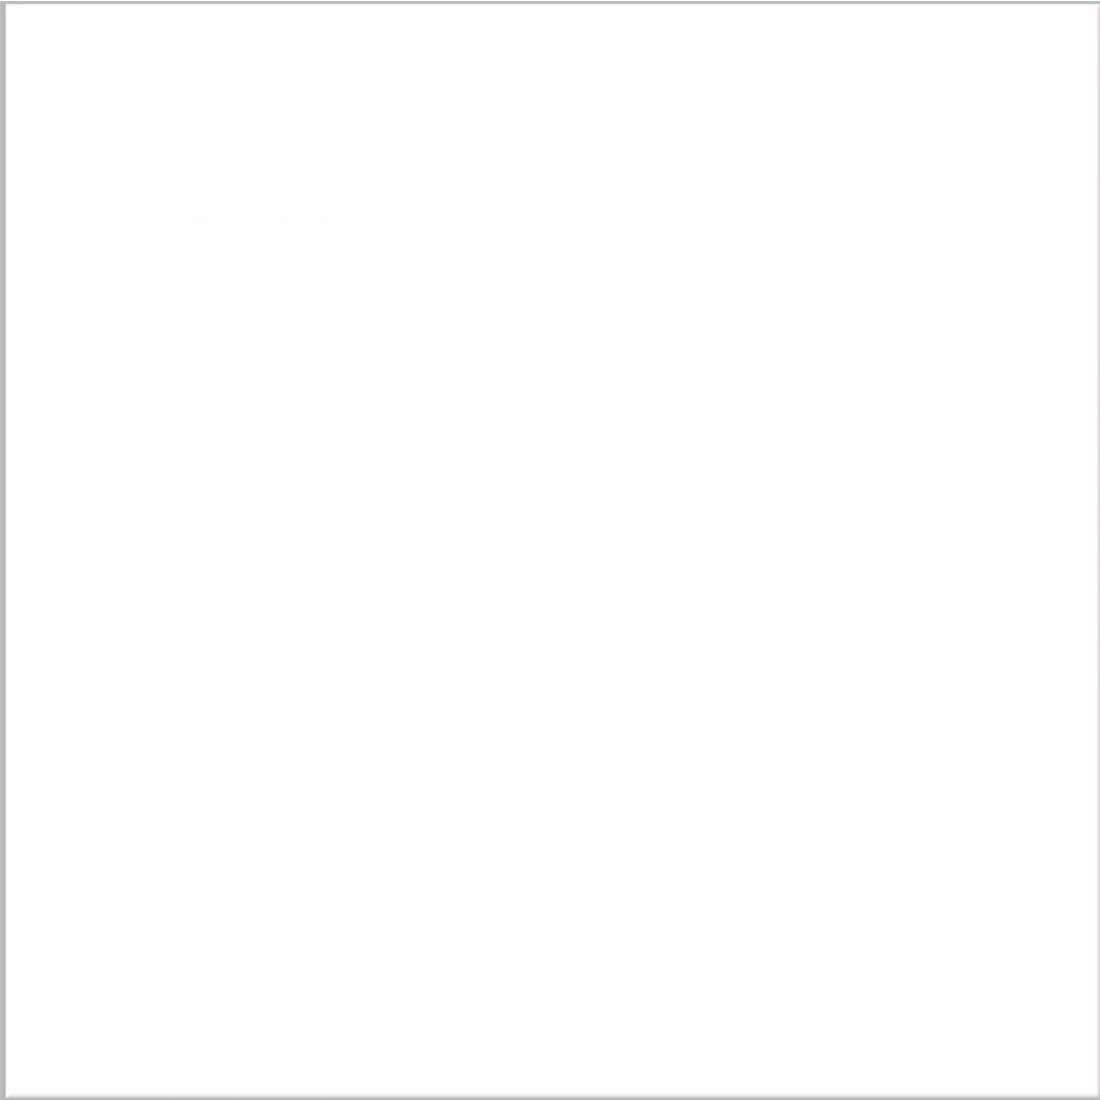 Piso Almeida 62 x 62 Branco Ref: 62A01 Com 2,30mts na Caixa